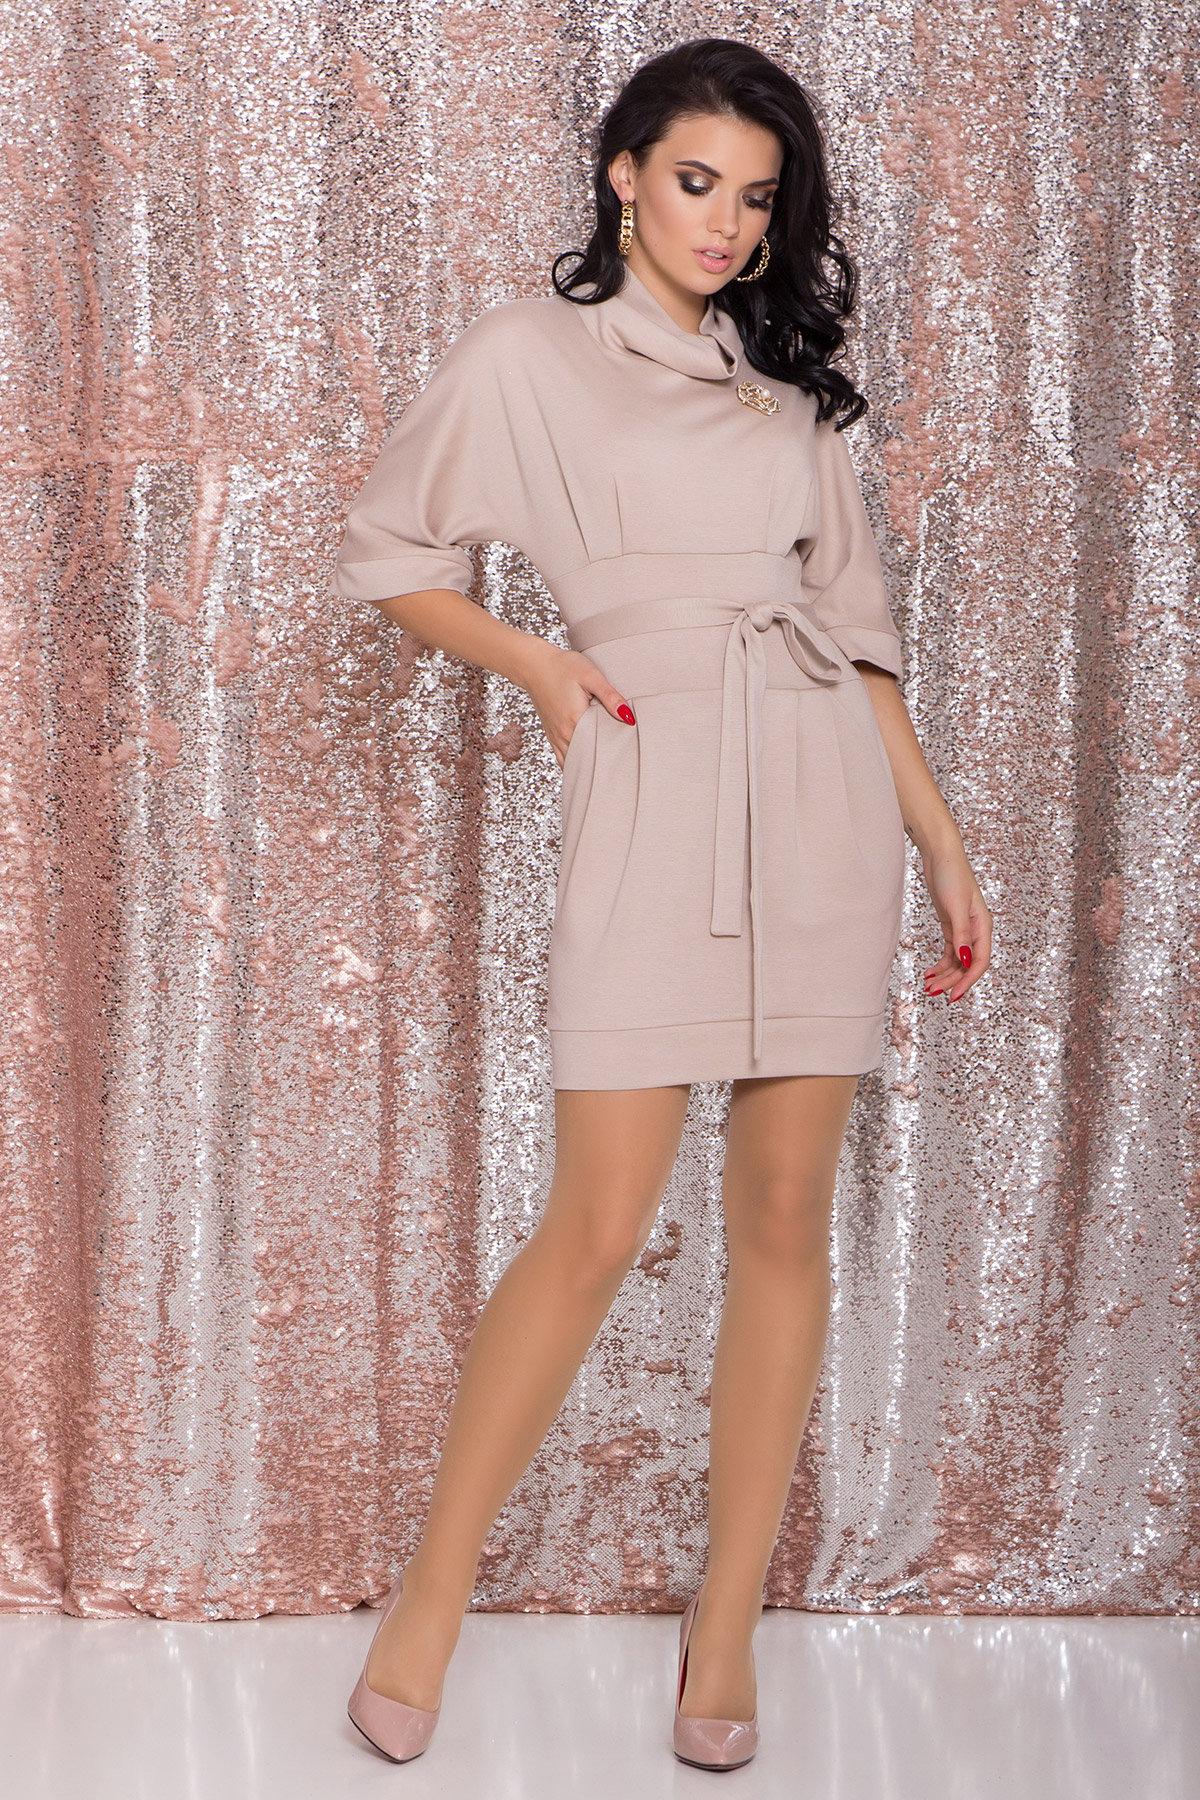 Трикотажное платье Вассаби 8478 АРТ. 44764 Цвет: Бежевый - фото 1, интернет магазин tm-modus.ru